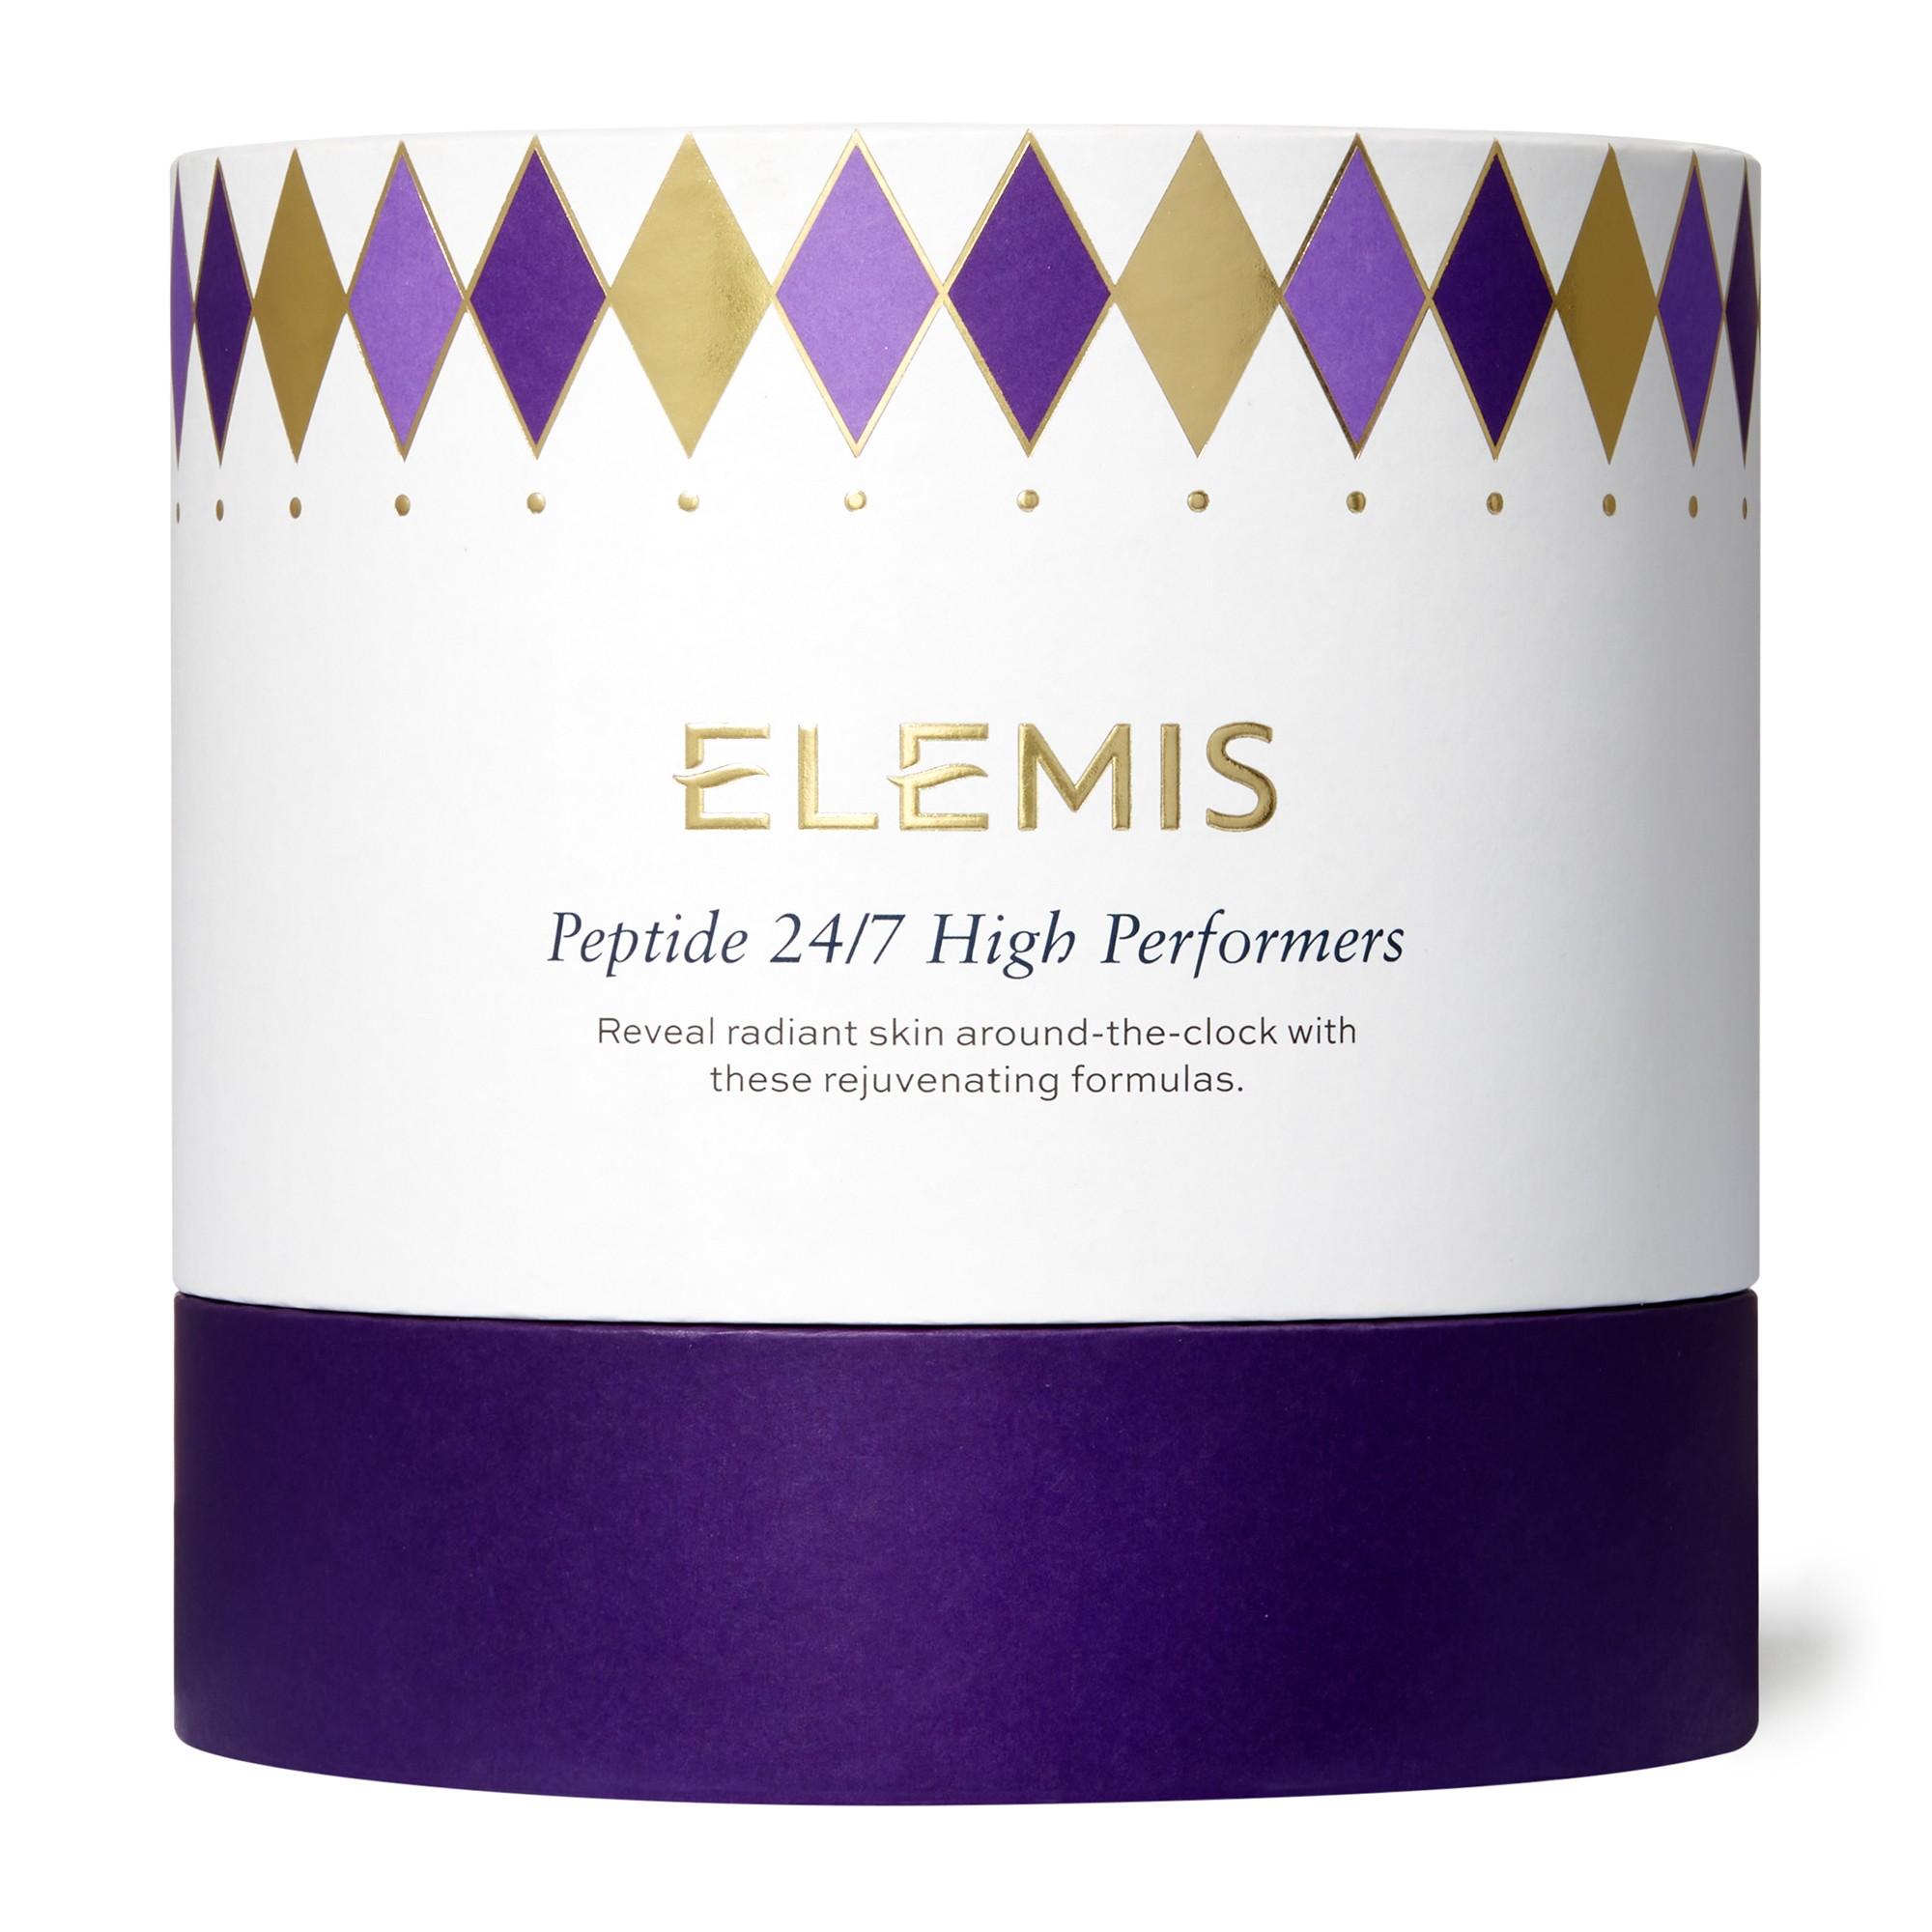 Набор Peptide 24/7 High Performers Elemis Англия — фото №1